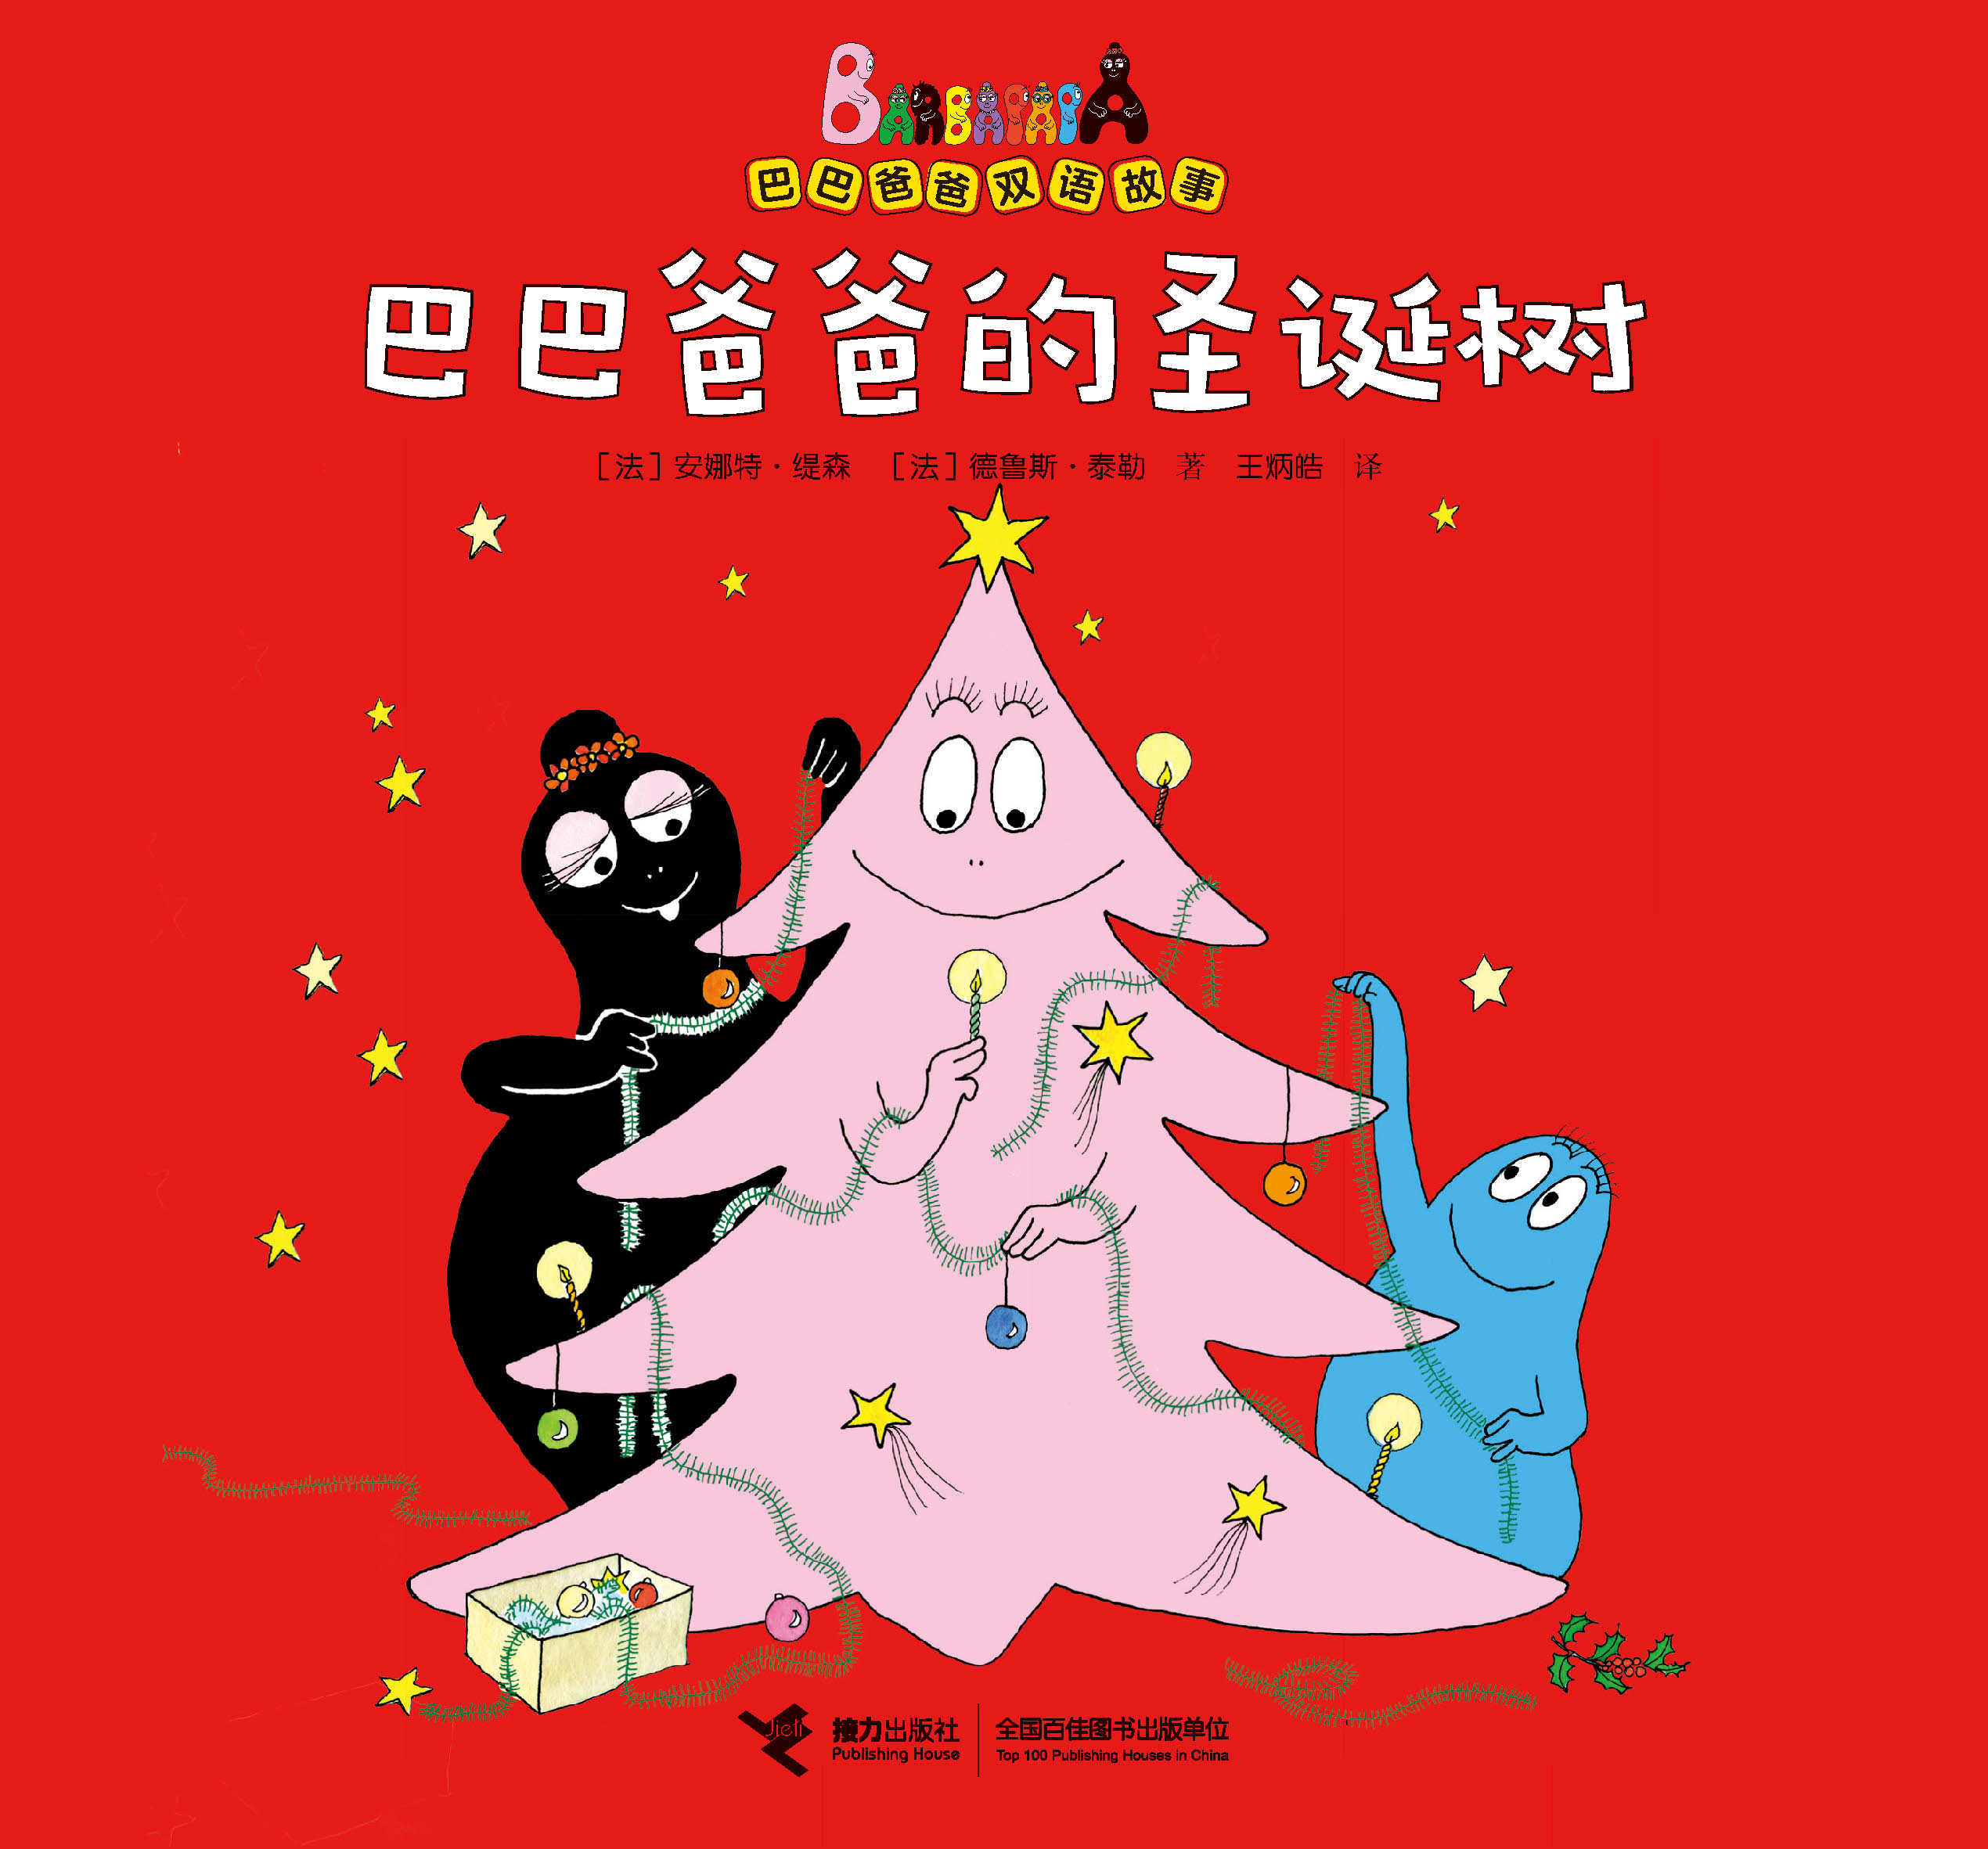 巴巴爸爸的圣诞树:汉英对照